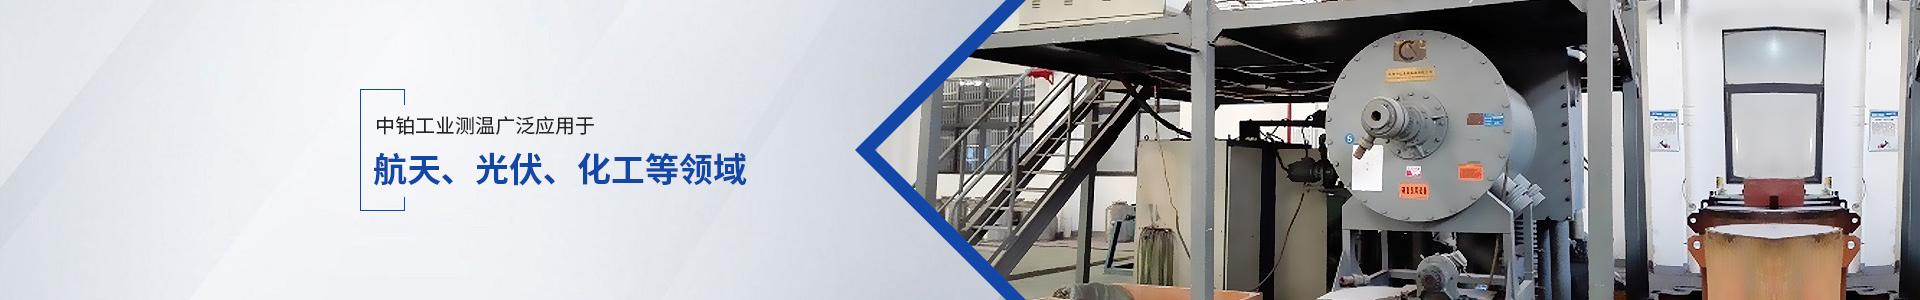 中铂工业测温广泛应用于航天、光伏、化工等领域